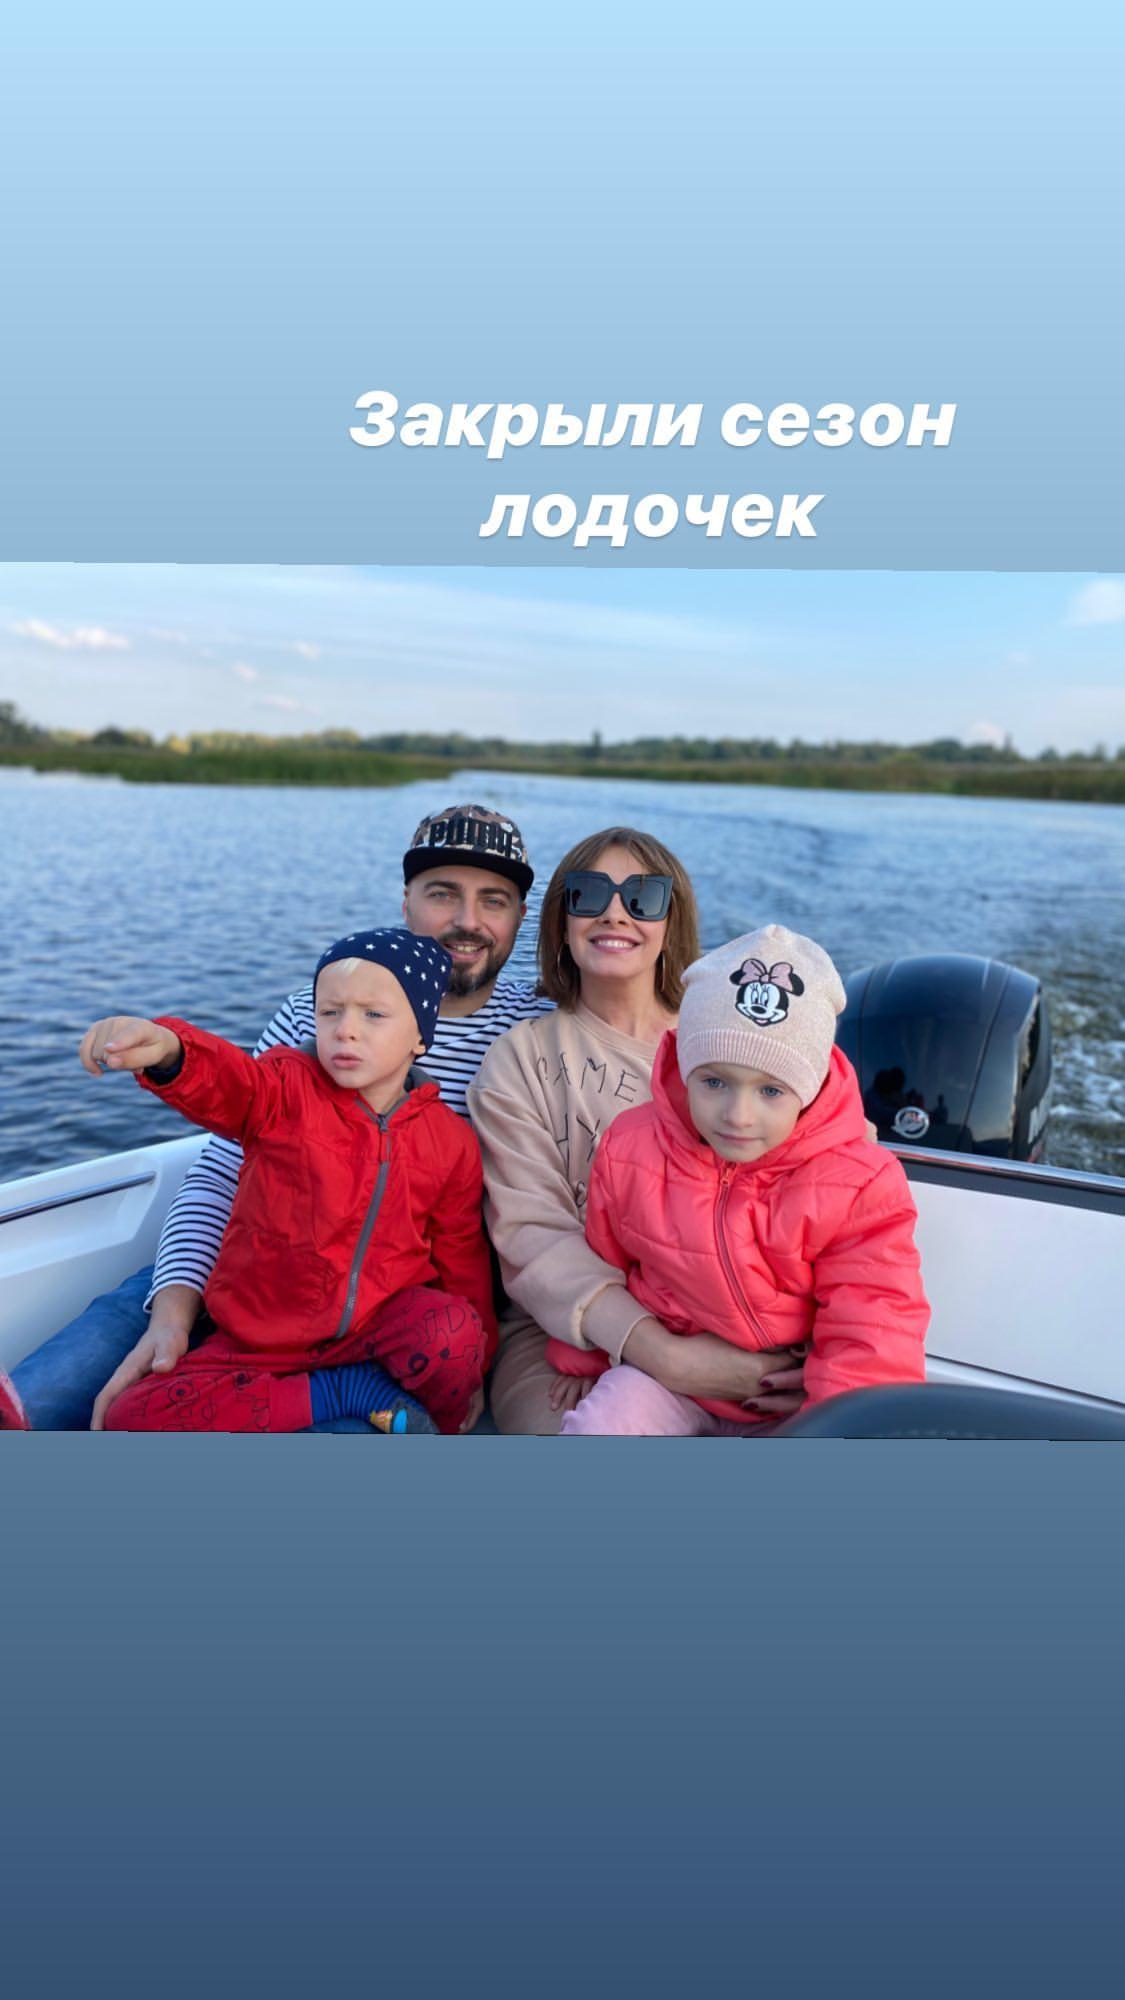 Закрылся сезон: счастливая Елена Кравец тронула редкое семейное фото с отдыха